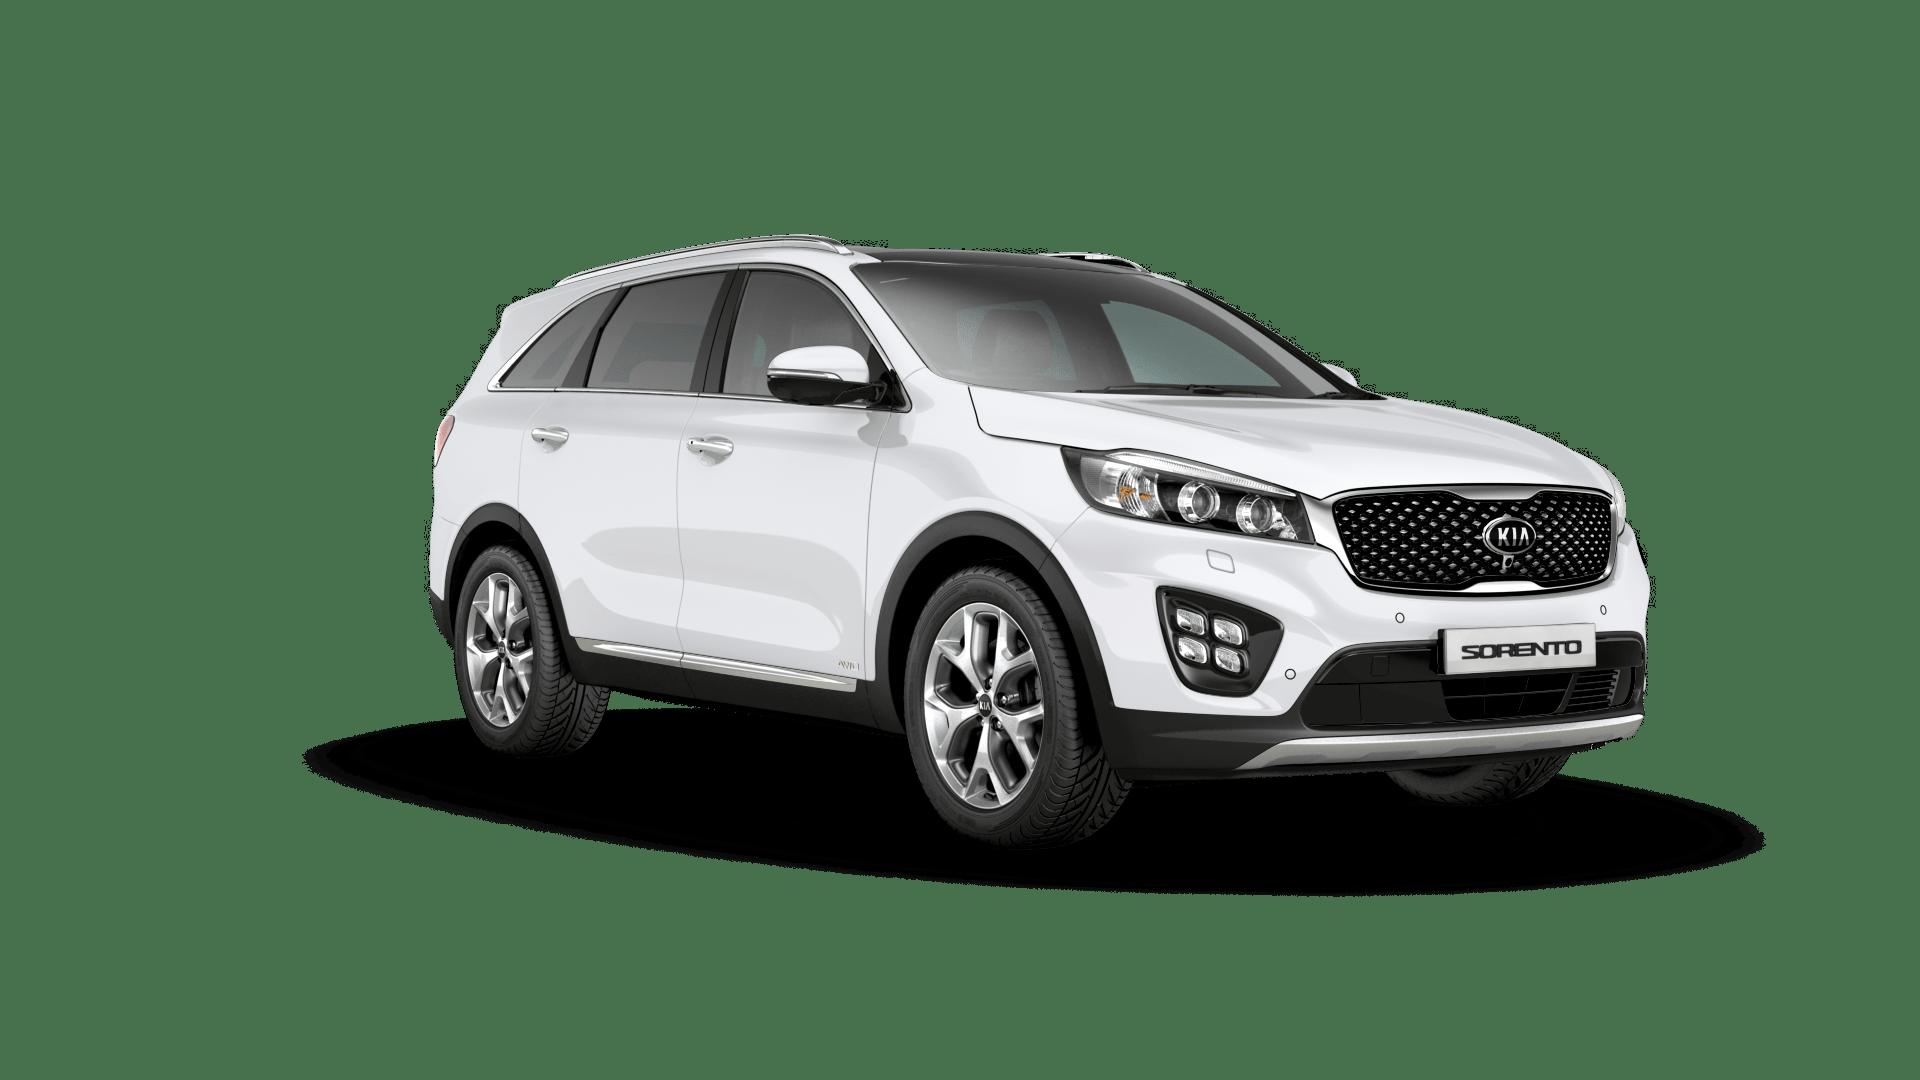 Hyundai Elantra: Anti-lock brake system (ABS) warning light (if equipped)